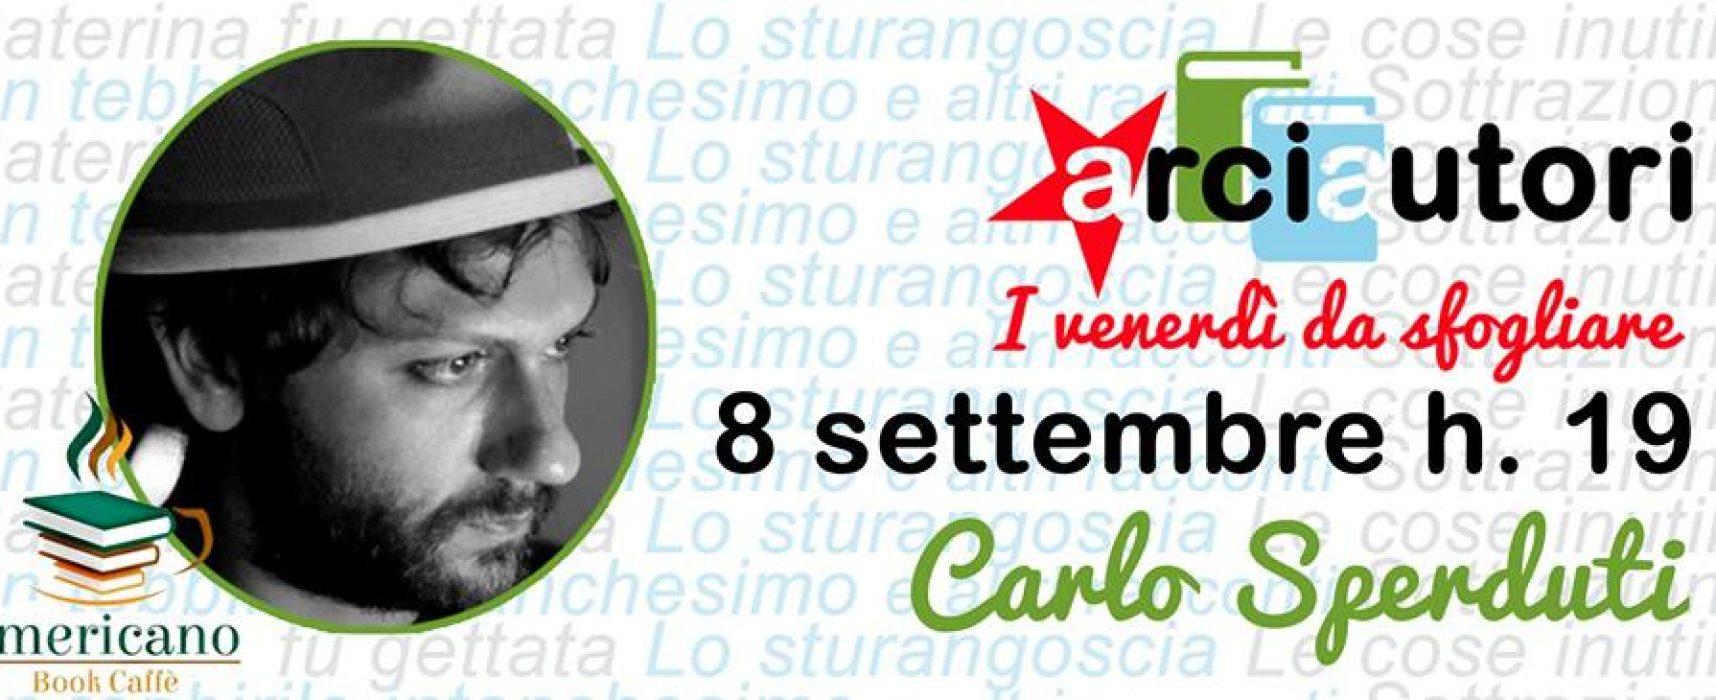 """Quarto appuntamento con """"ArciAutori, i venerdì da sfogliare"""", ospite Carlo Sperduti"""